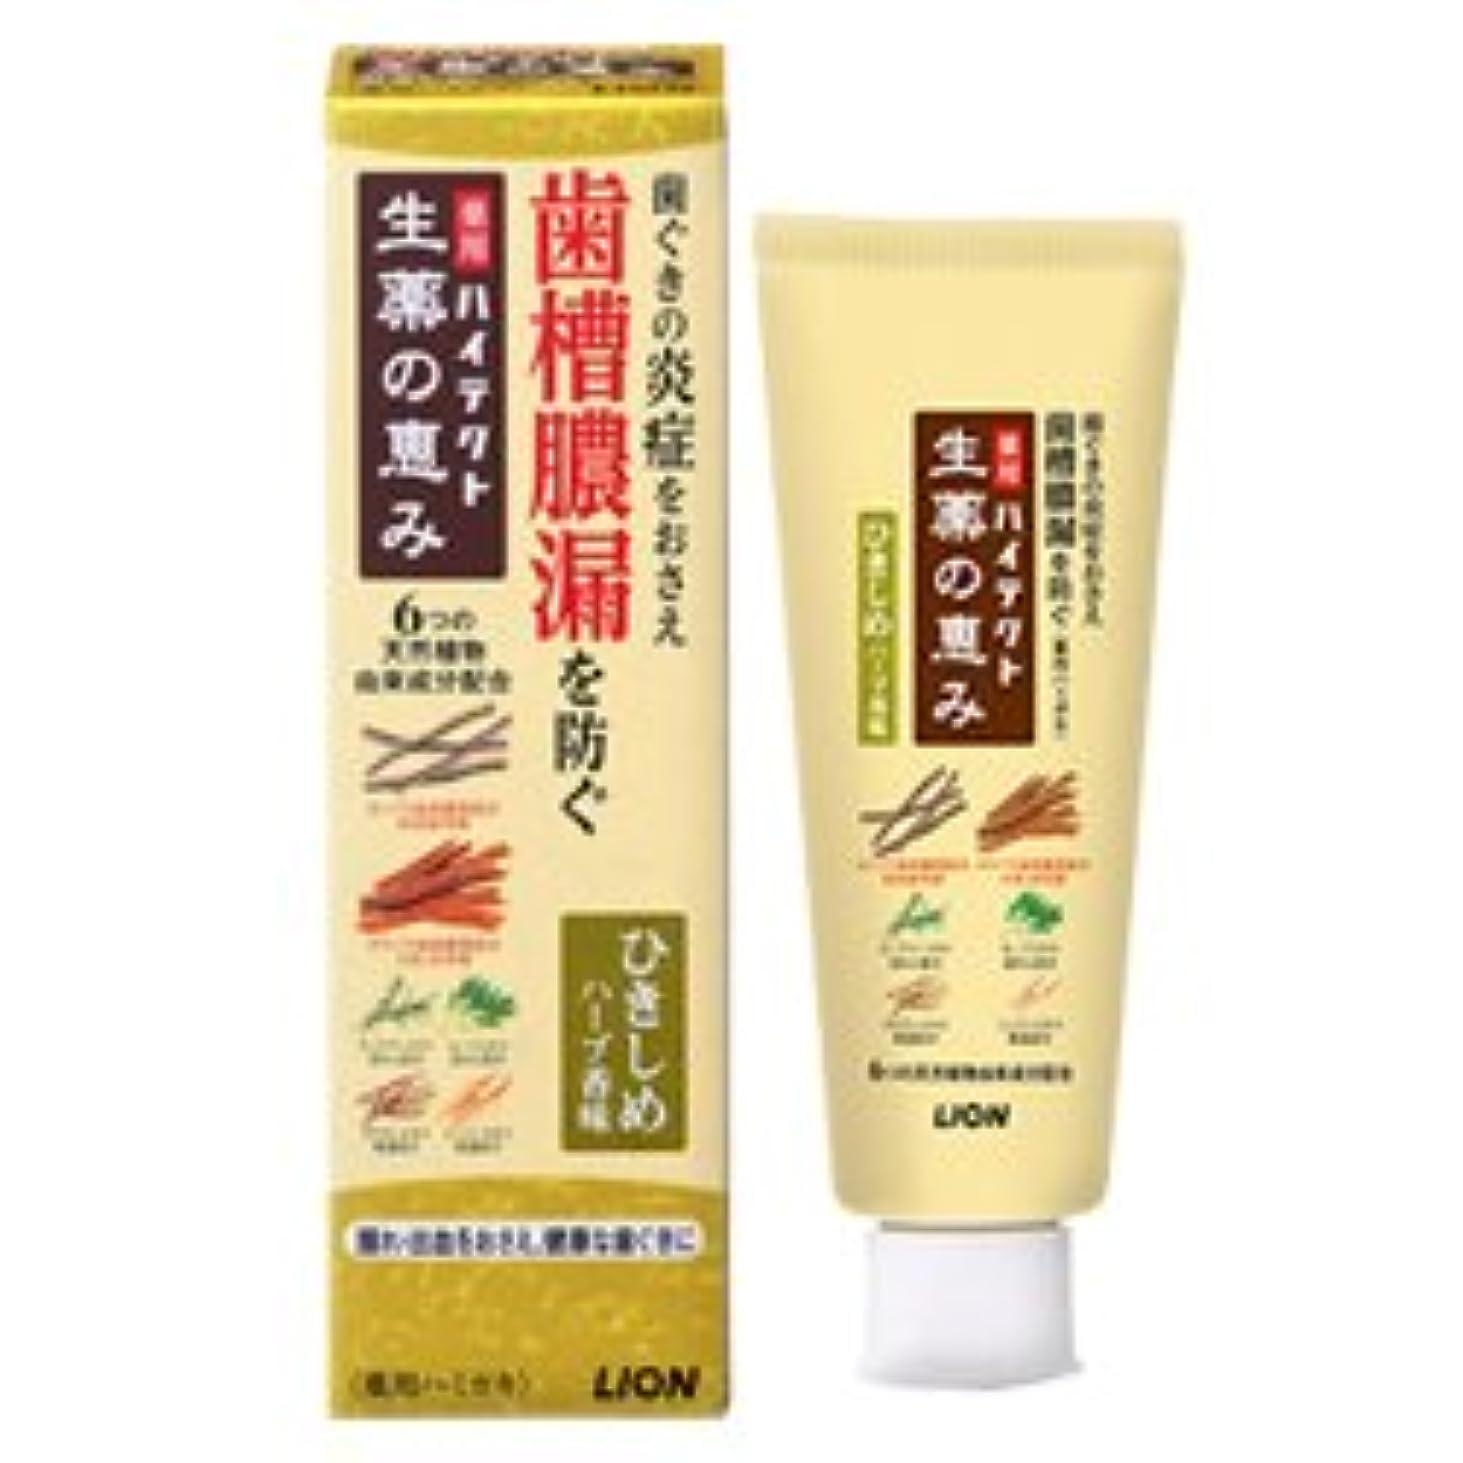 期限ウェイド応援する【ライオン】ハイテクト 生薬の恵み ひきしめハーブ香味90g×5個セット